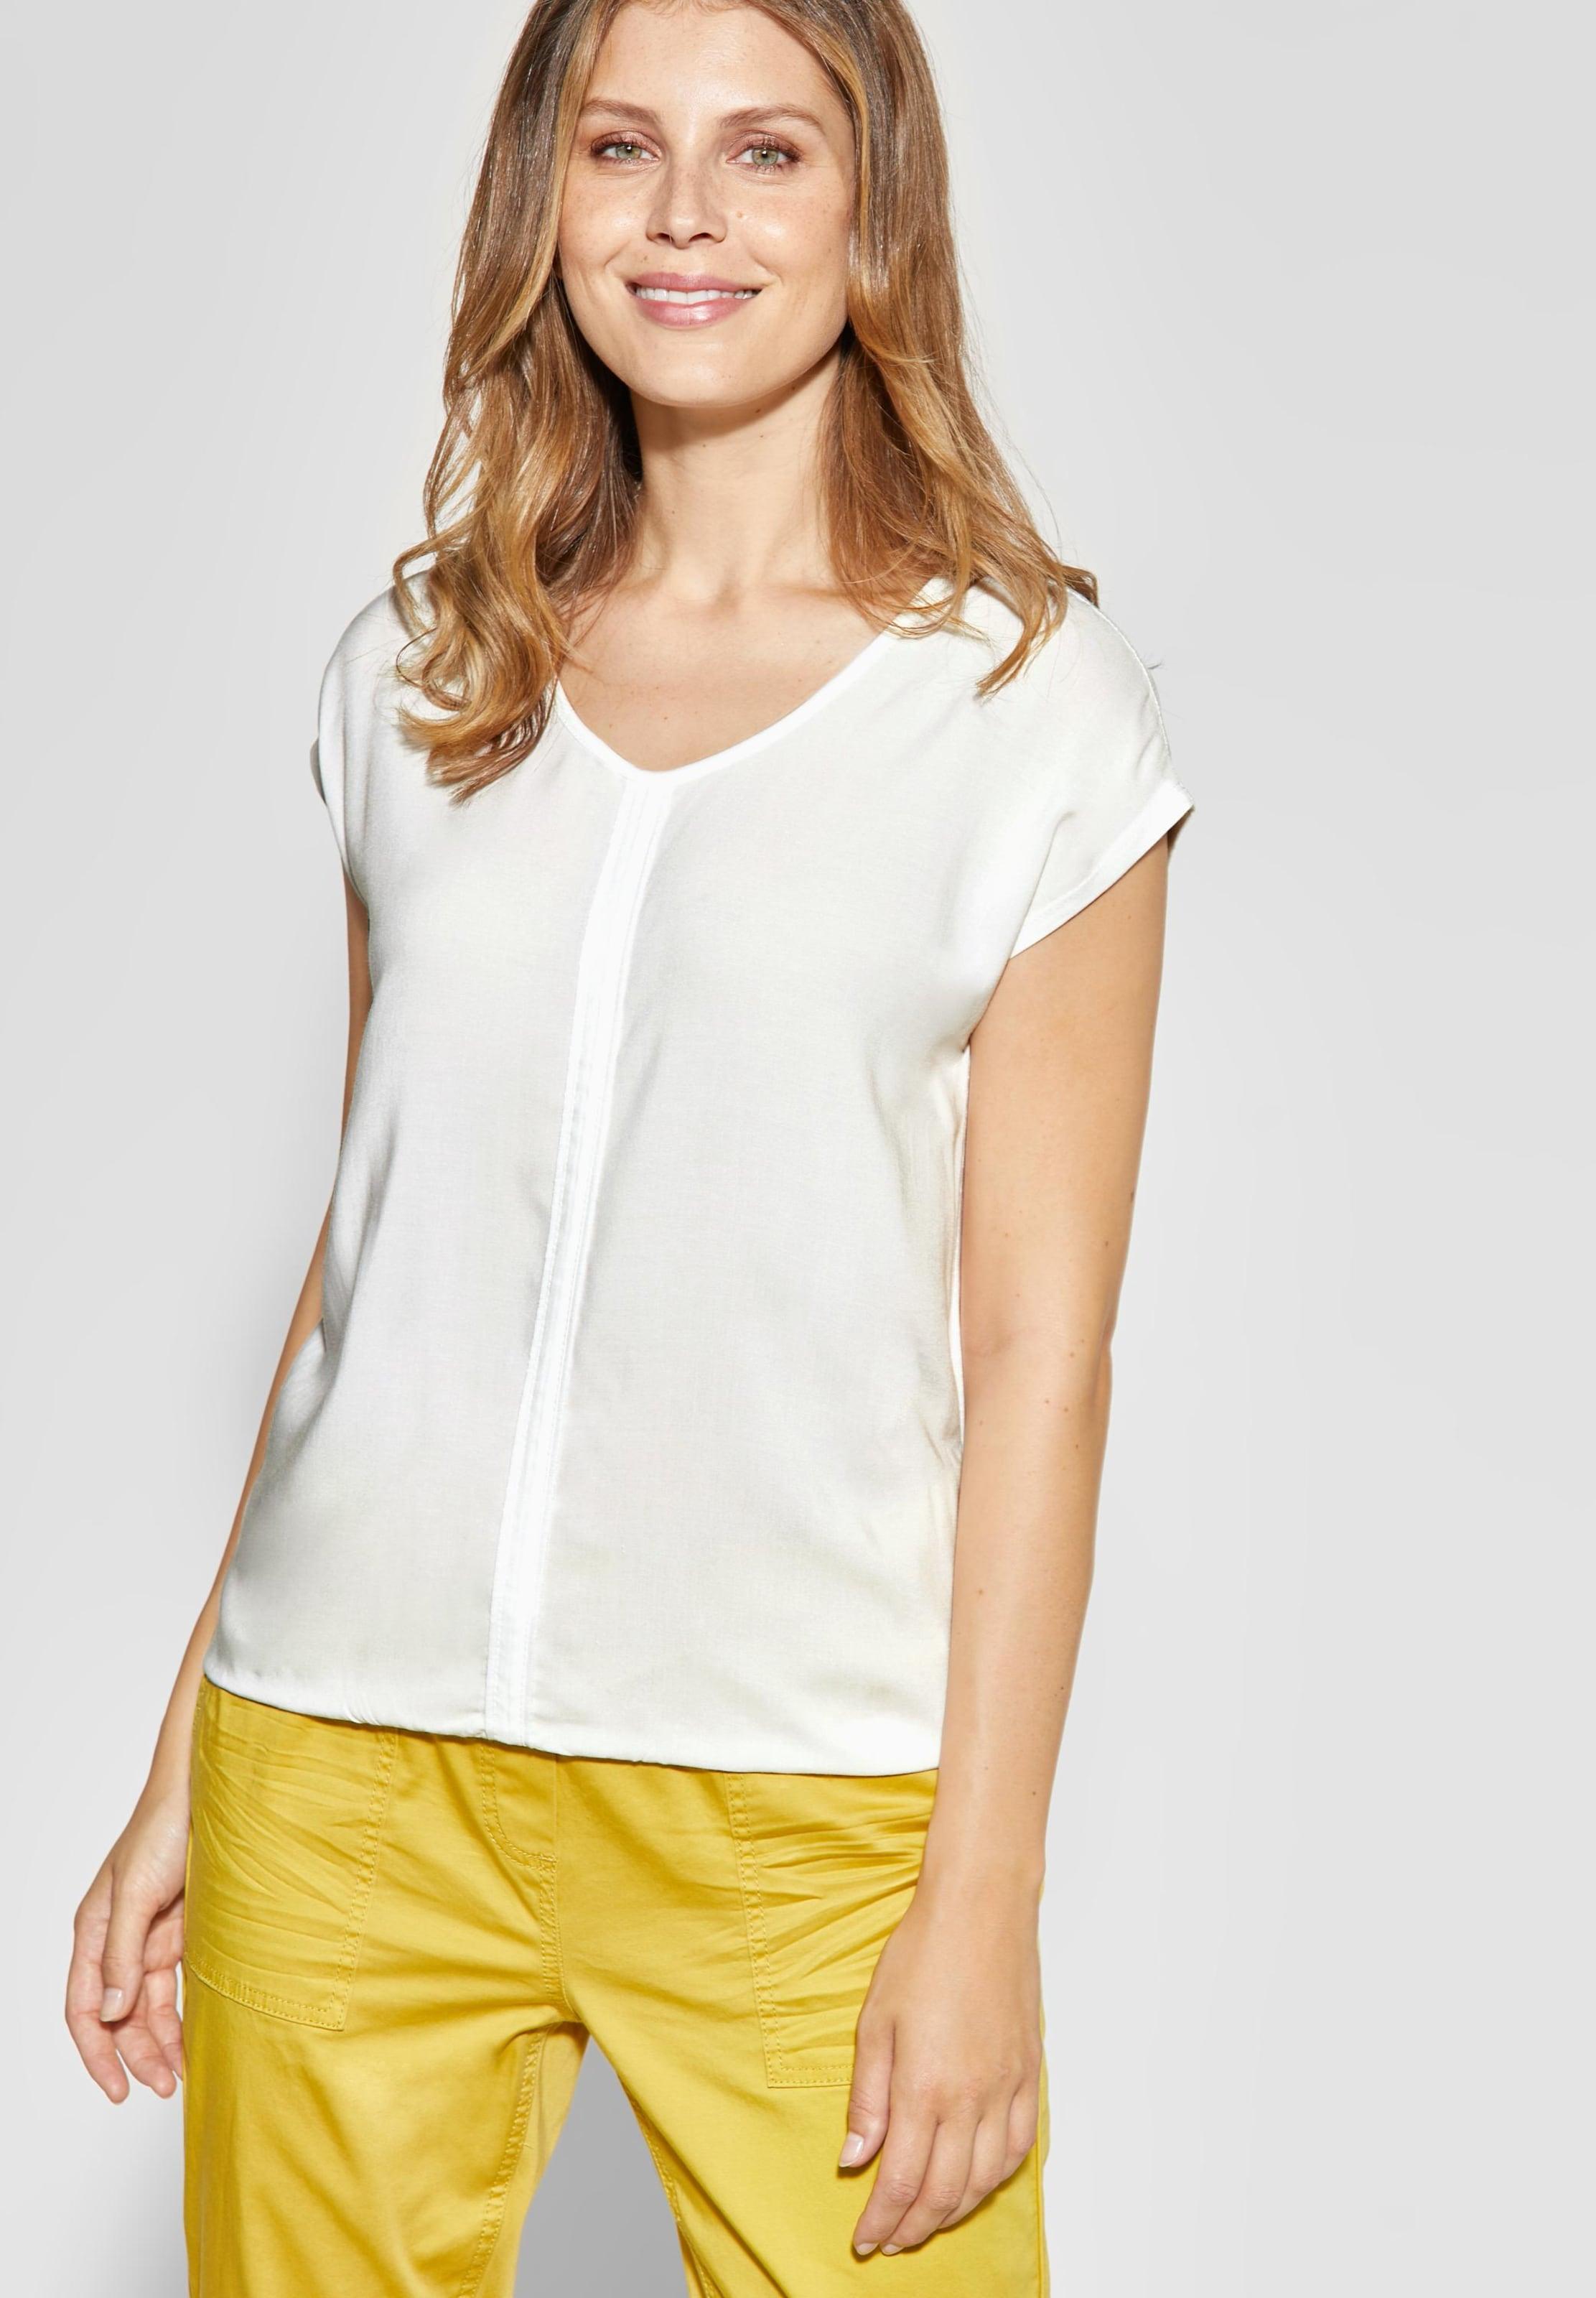 WeißWeißmeliert In Cecil In WeißWeißmeliert Shirt Cecil Cecil Shirt In Shirt eCBdoxWr